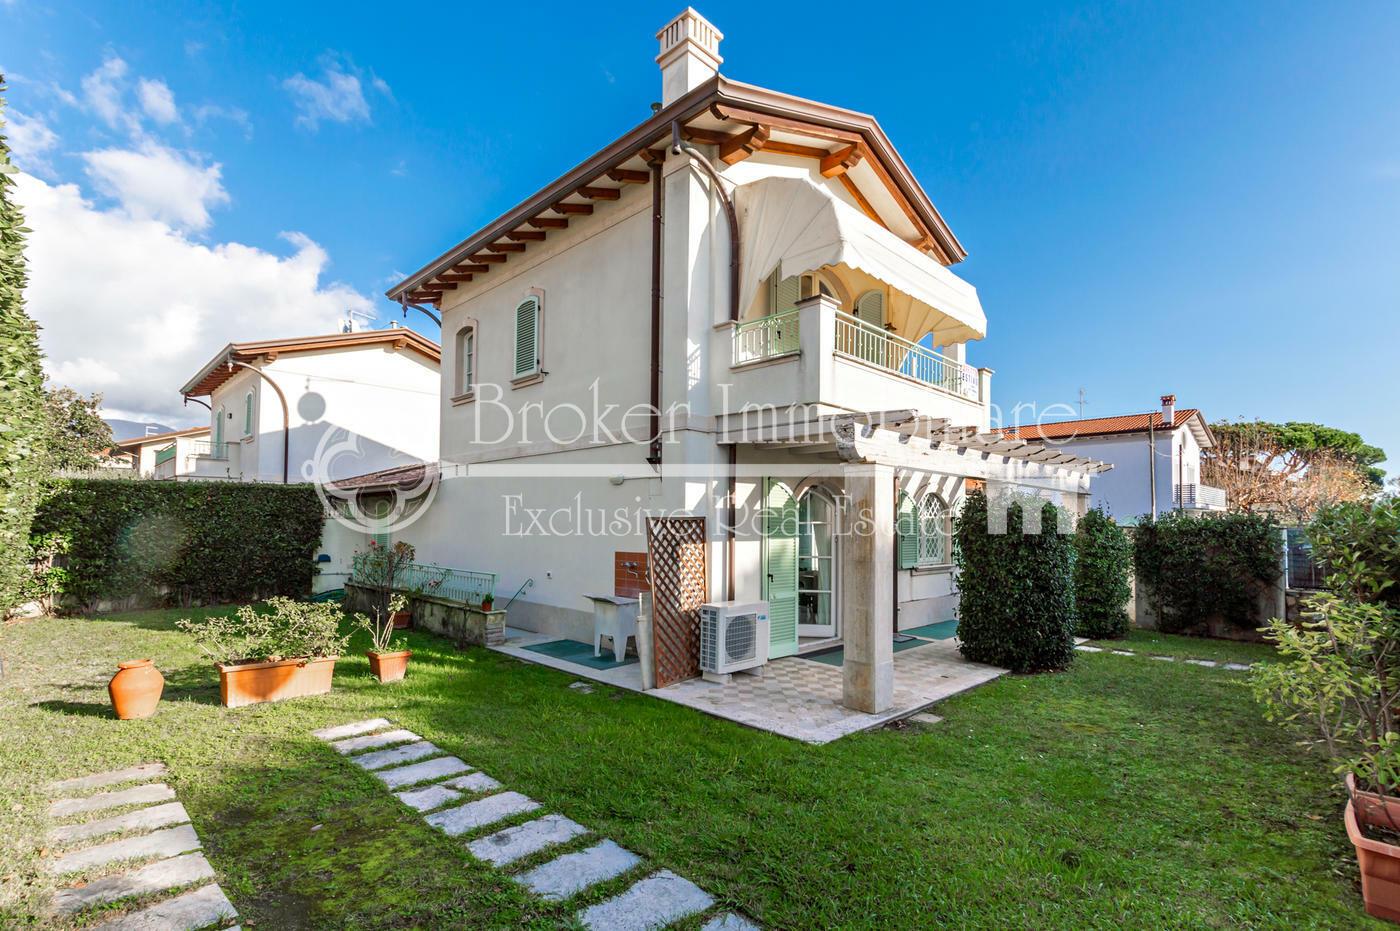 Villa bifamiliare in vendita nel centro di Cinquale a soli 200 metri dal mare